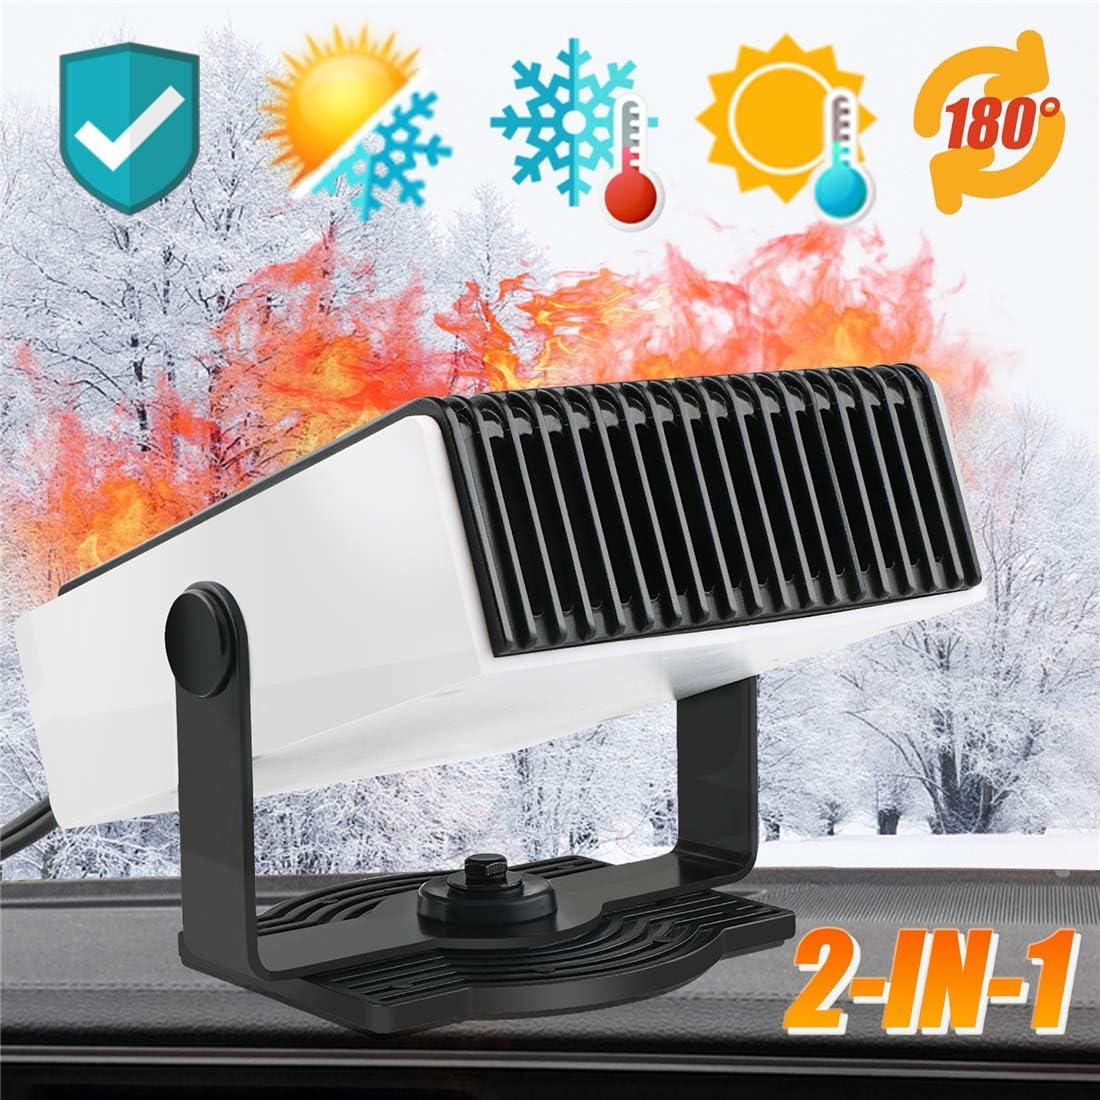 nettoyage /à air 12V 150 W TBoonor Radiateur 2 en 1 pour voiture Defroster Demister avec protection contre la surchauffe et rotation /à 360 /° chauffage rapide ventilateur de refroidissement